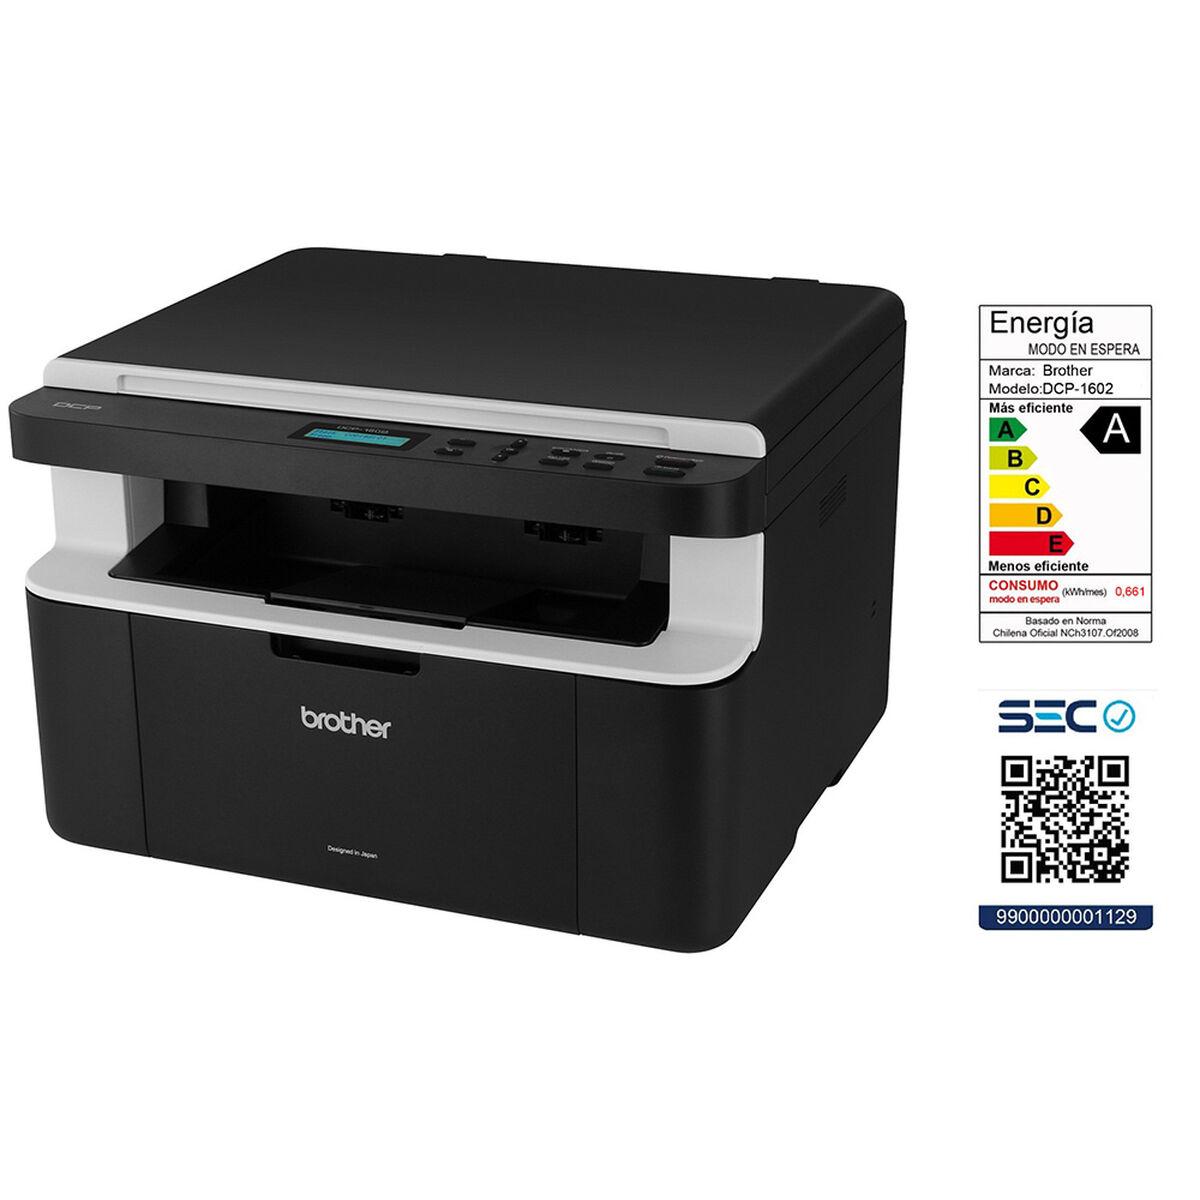 Impresora Multifuncional Brother DCP-1602